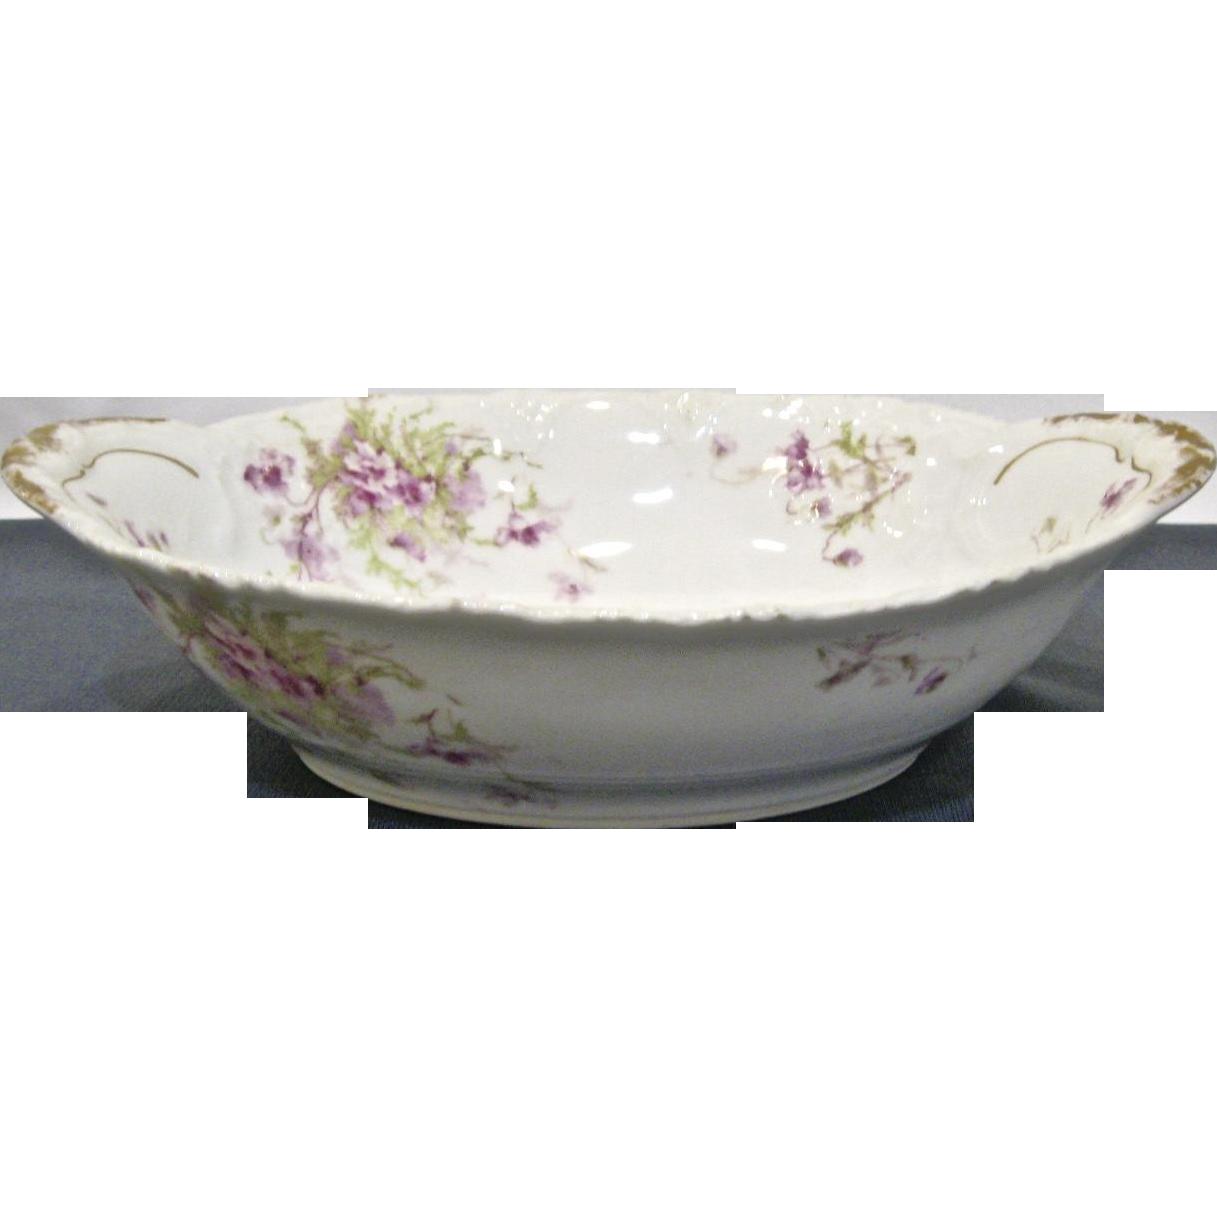 T Haviland Limoges Oval Vegetable Bowl, Scattered Lavender Flowers